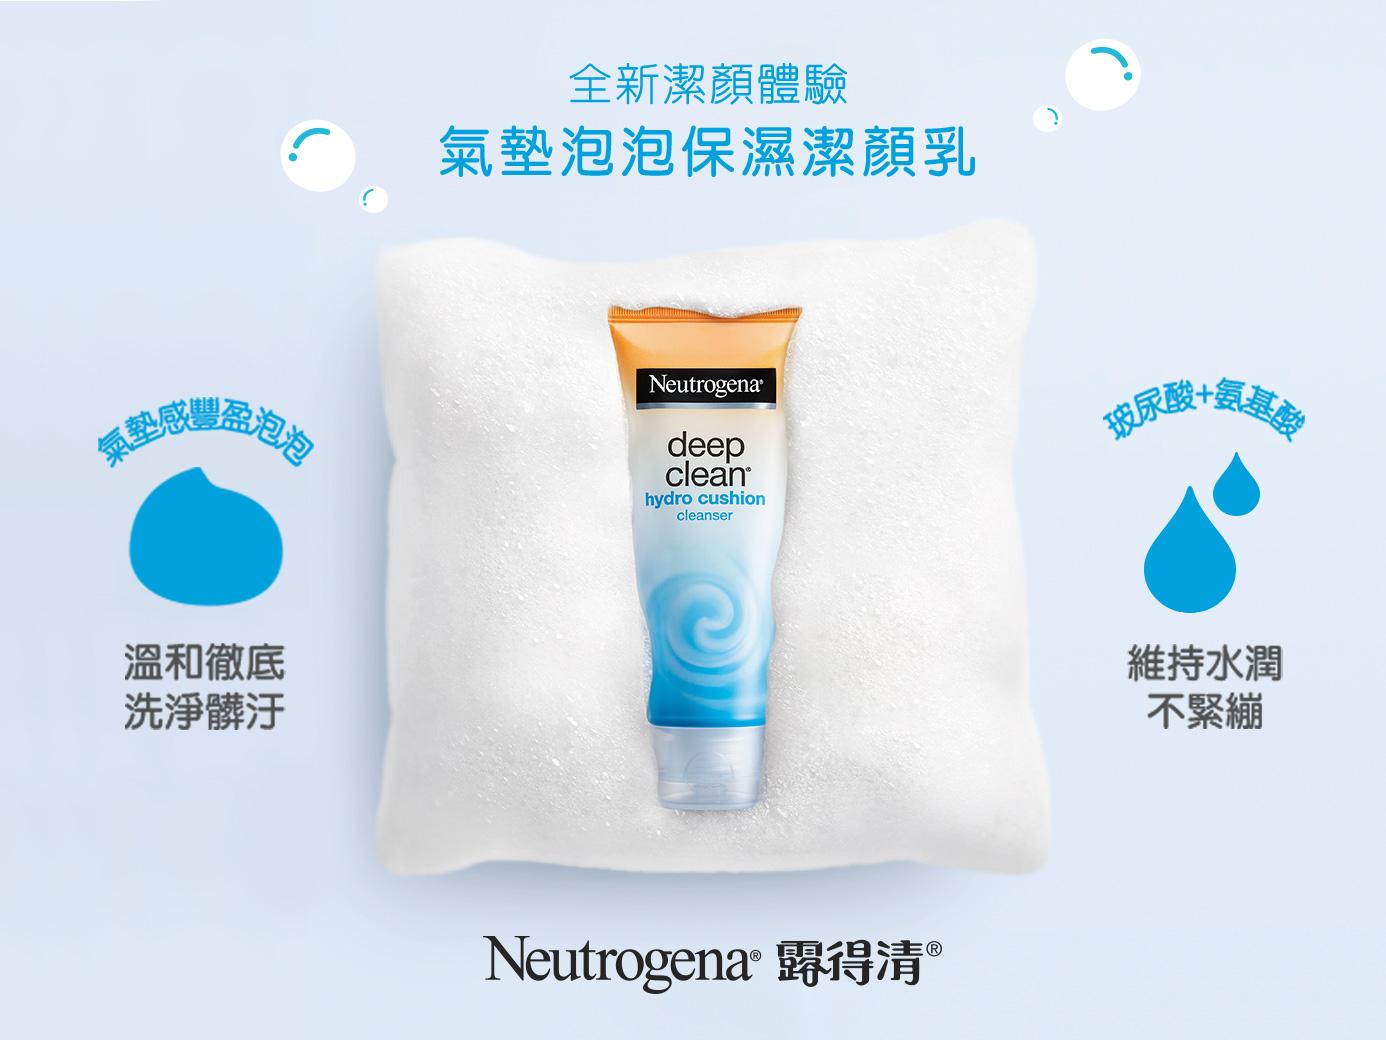 全新潔顏體驗 露得清深層淨化氣墊泡泡保濕潔顏乳